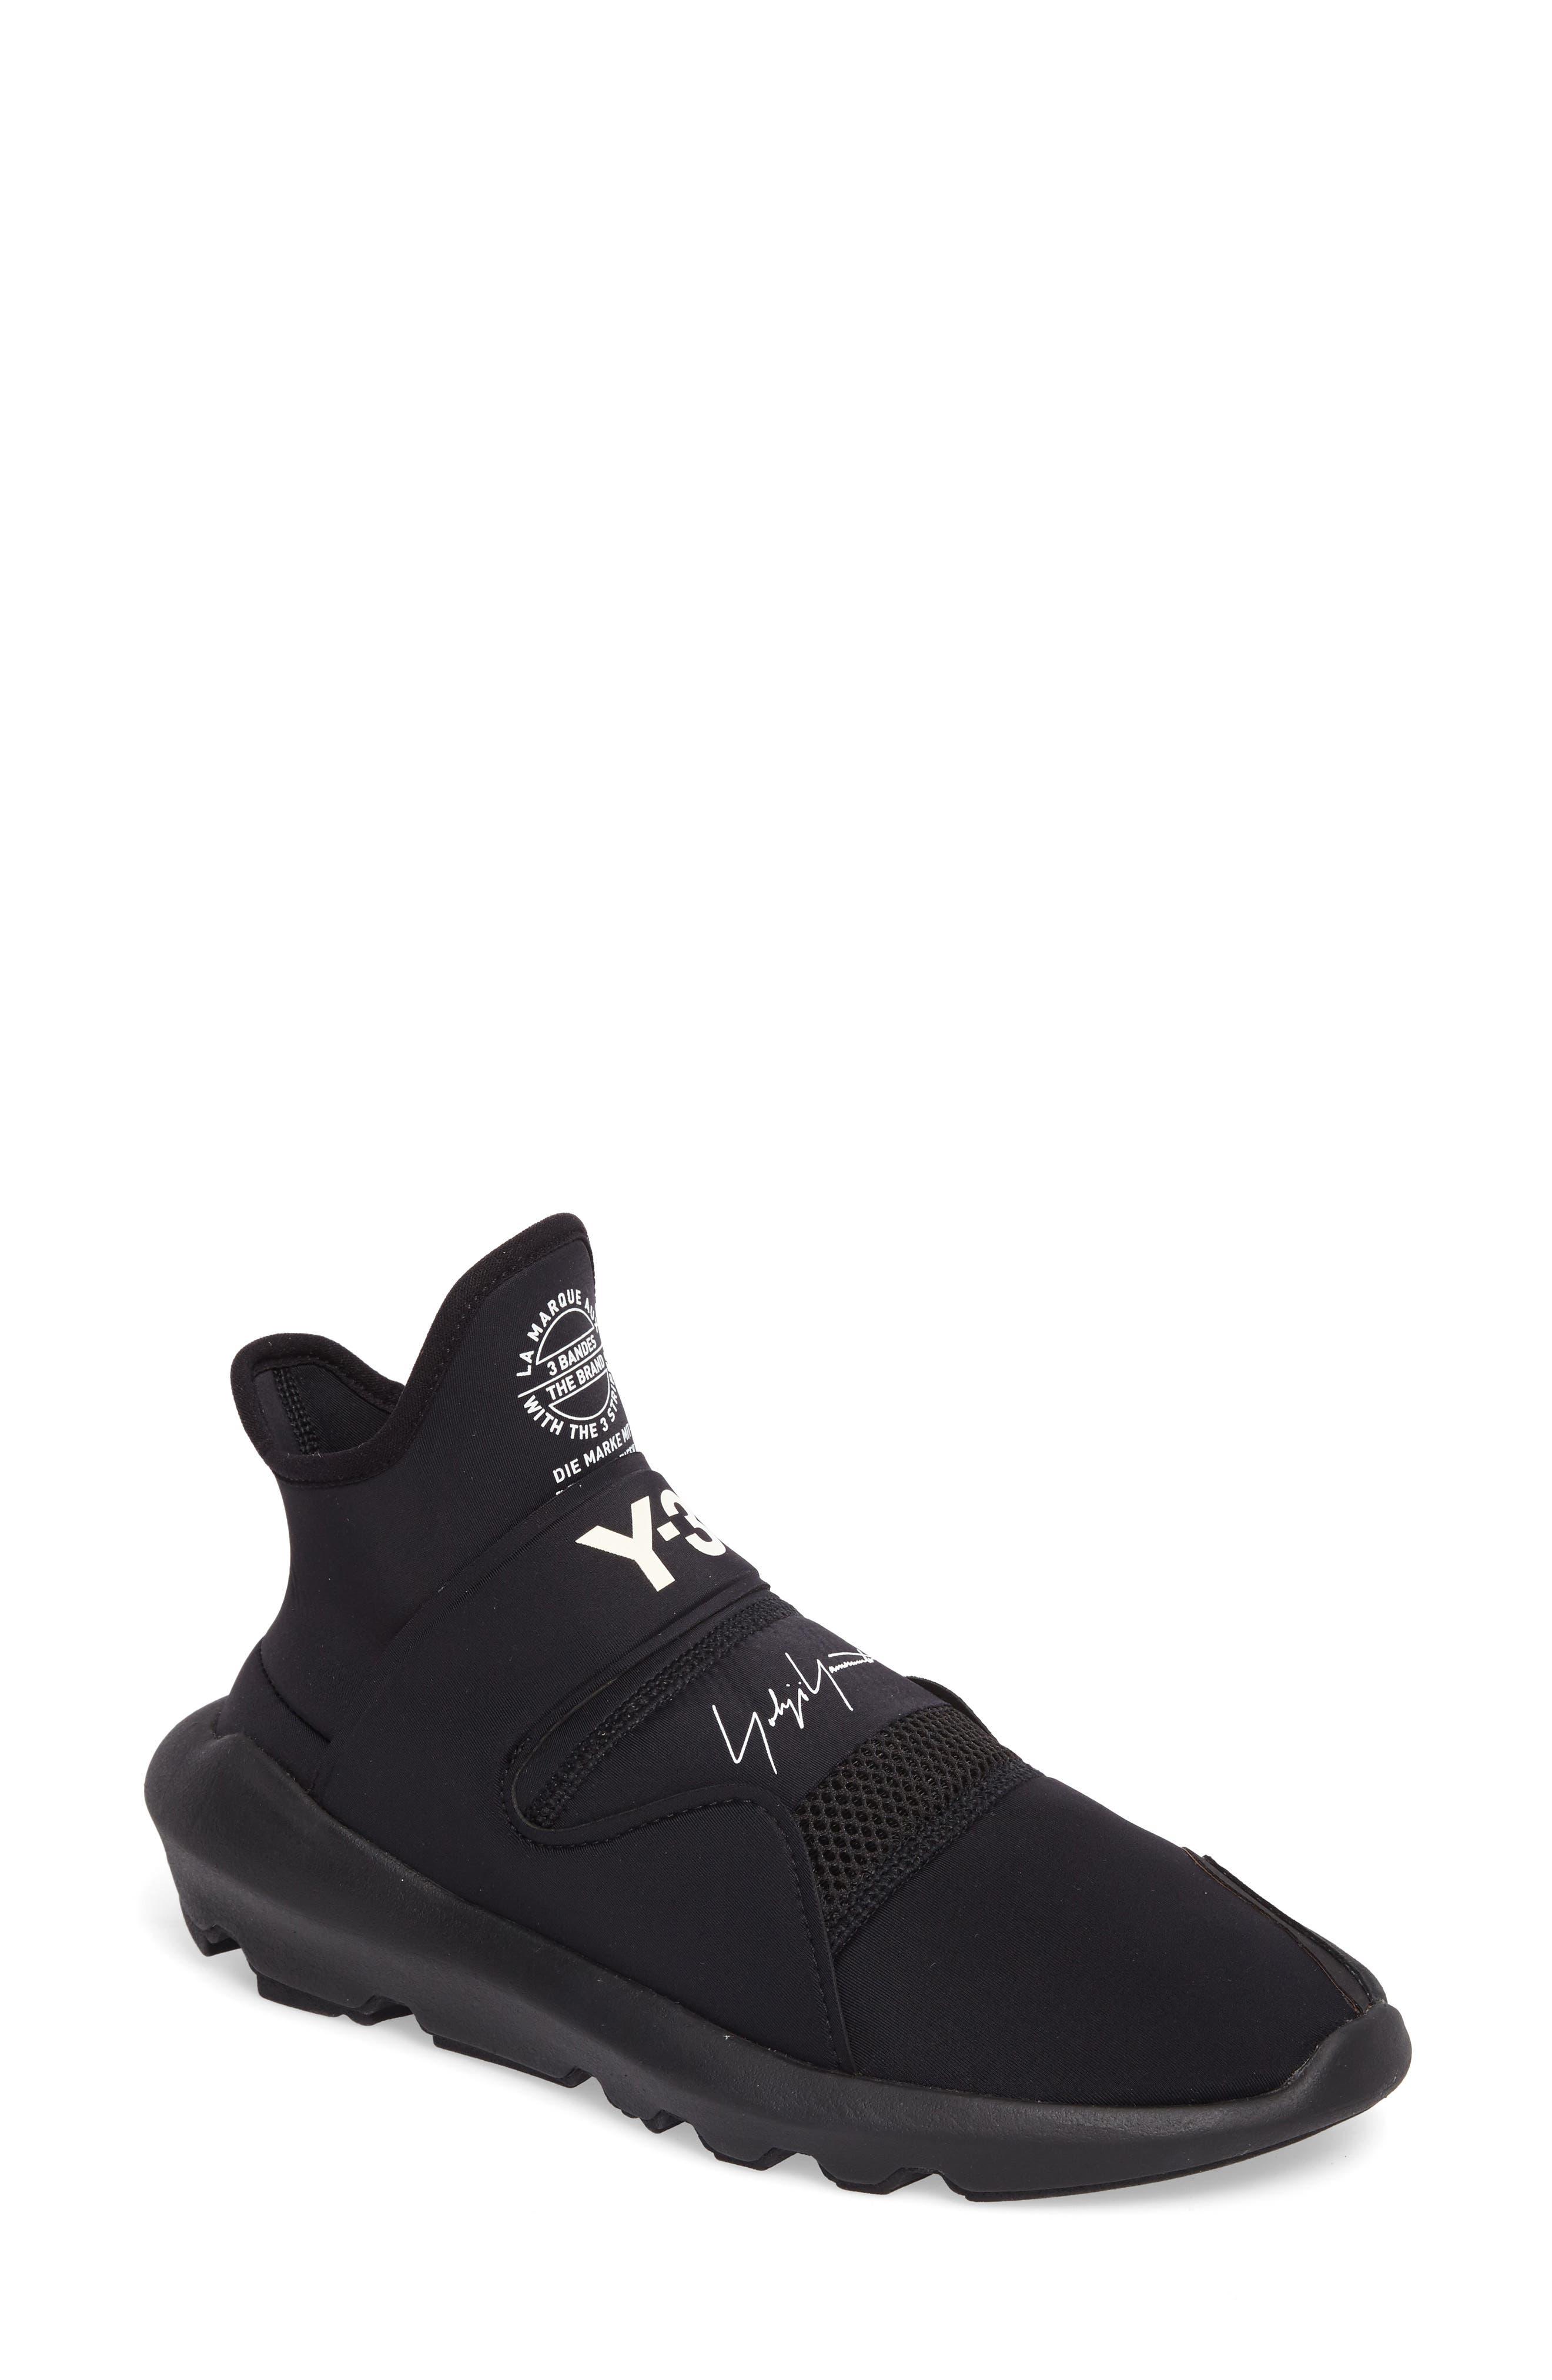 Superbou Sneaker,                         Main,                         color,